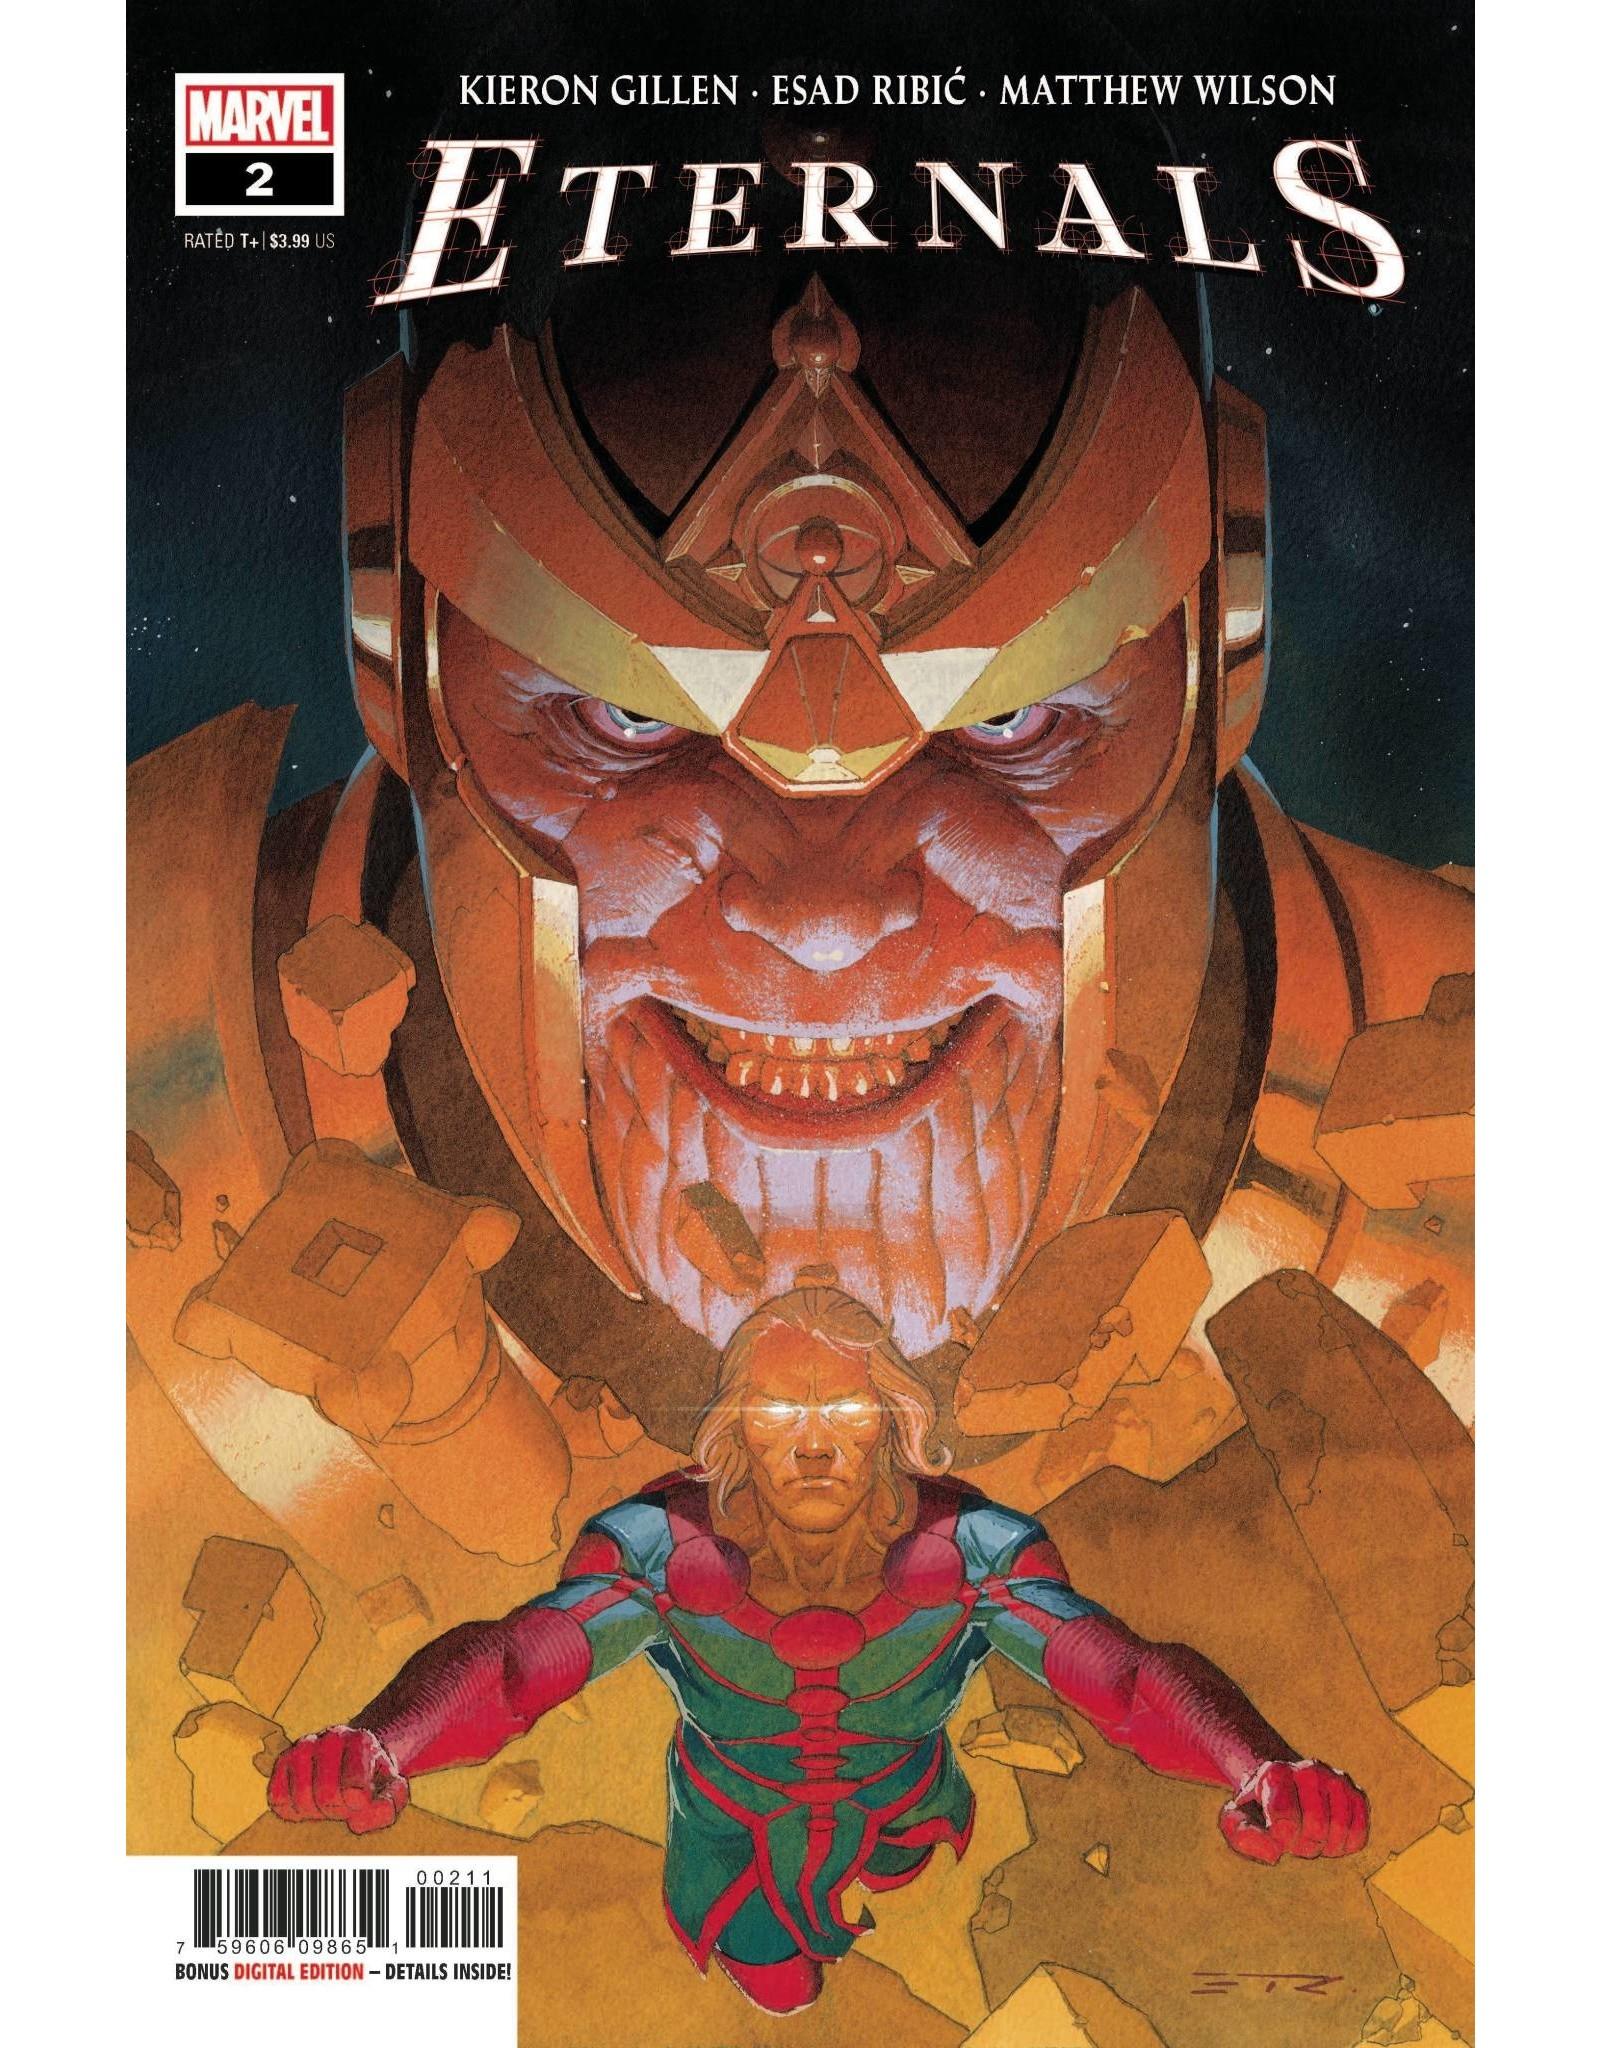 Marvel Comics ETERNALS #2